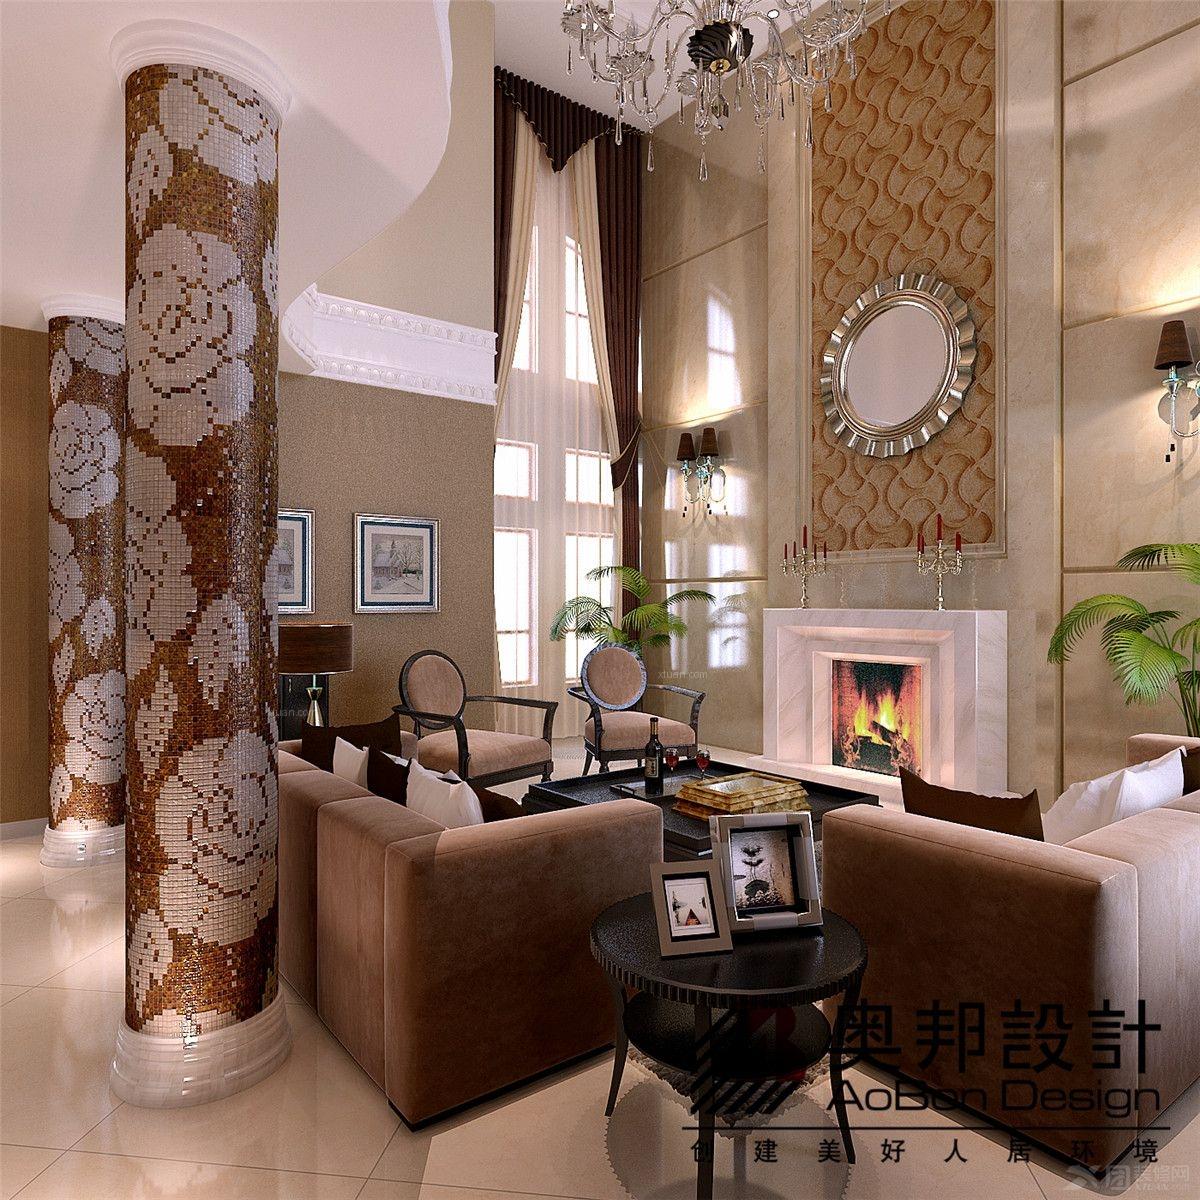 西郊别墅的现代简约美式风格设计装修效果图图片